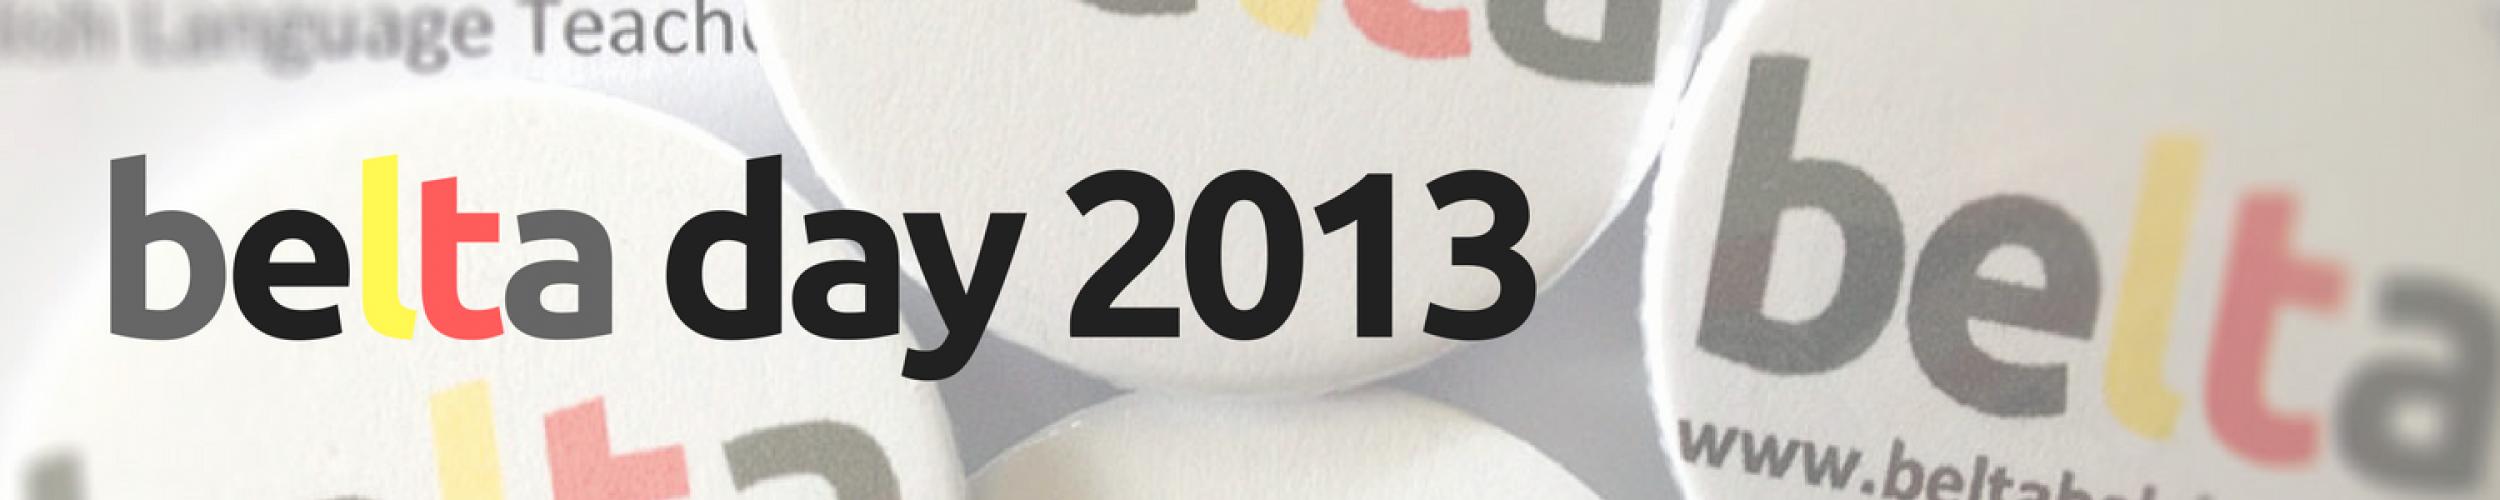 BELTA Day 2013